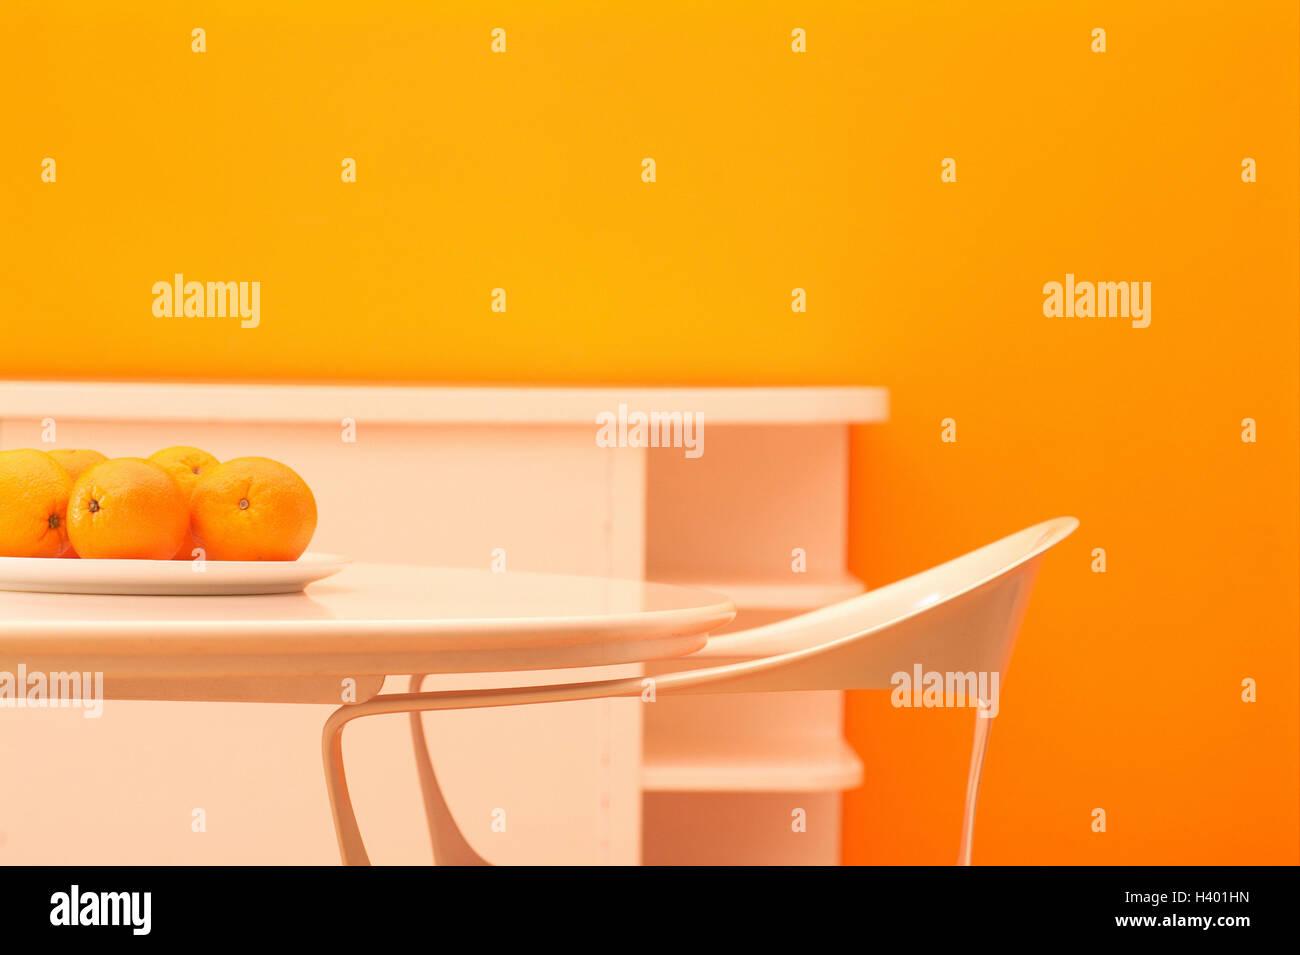 Credenza Camera Da Pranzo : Camera poltrona tavolo arance credenza dettaglio spazio